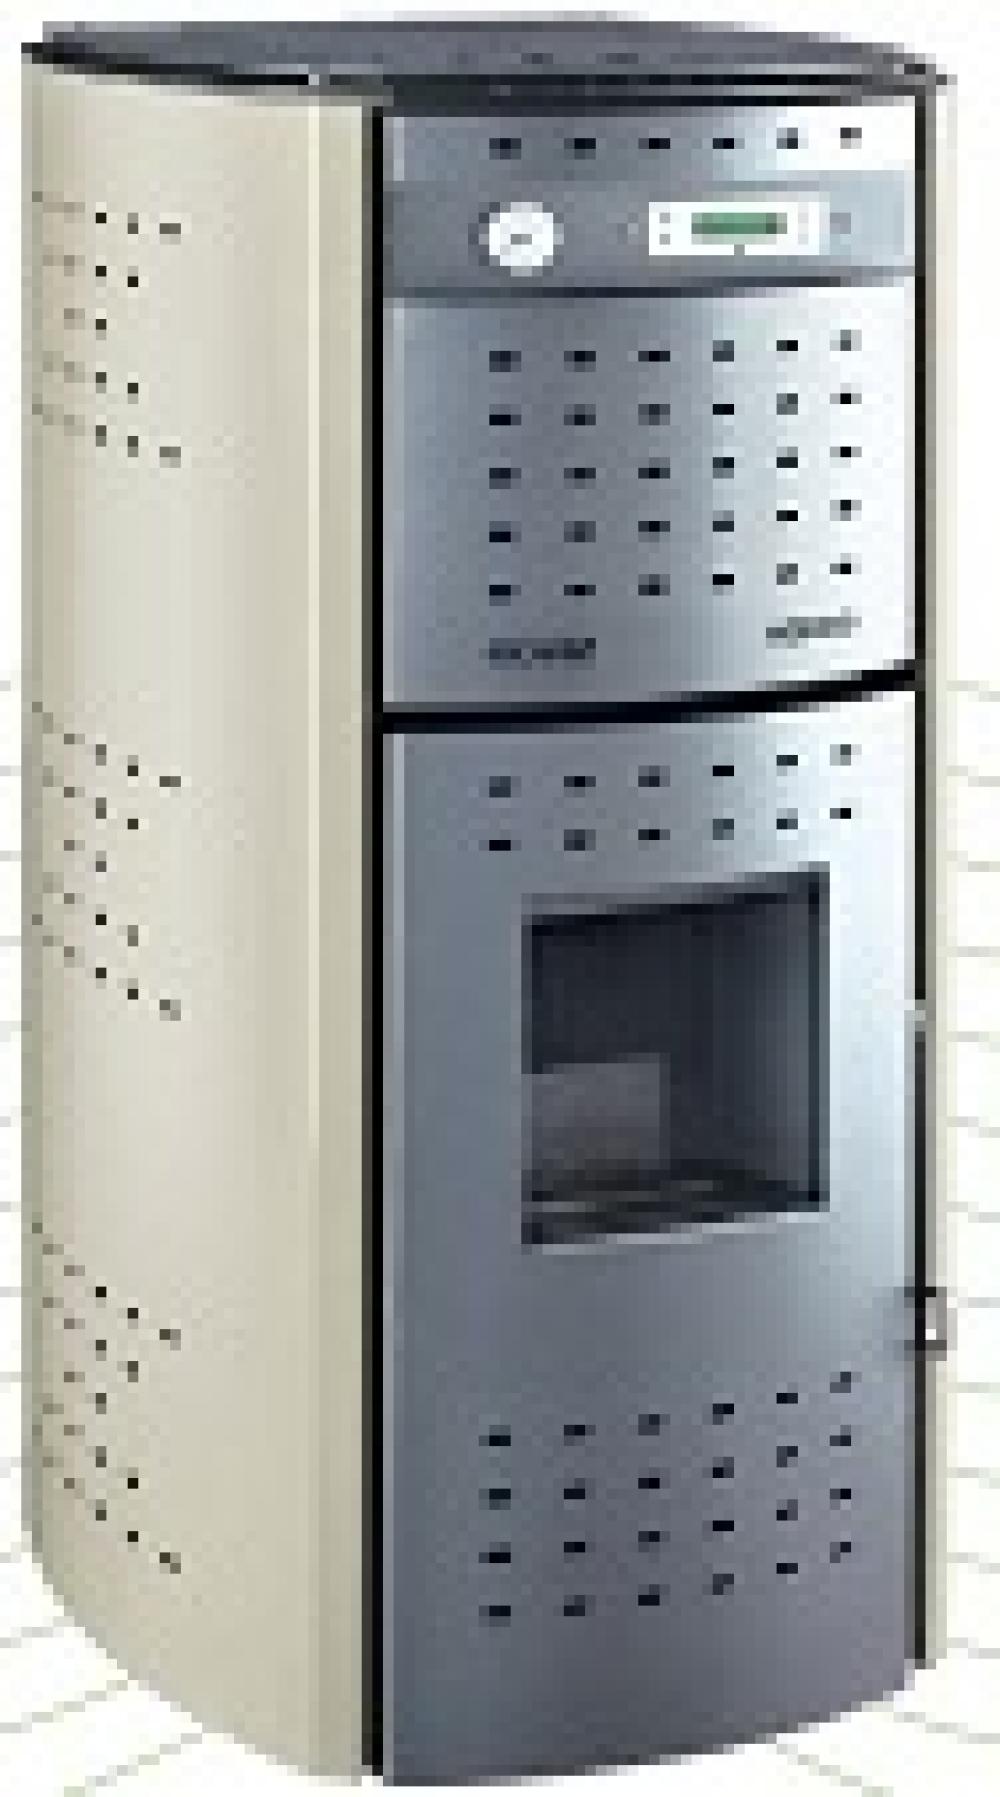 Cuando poner la calefaccion como poner un termostato de calefaccion termostatos de poner - Poner calefaccion en casa ...